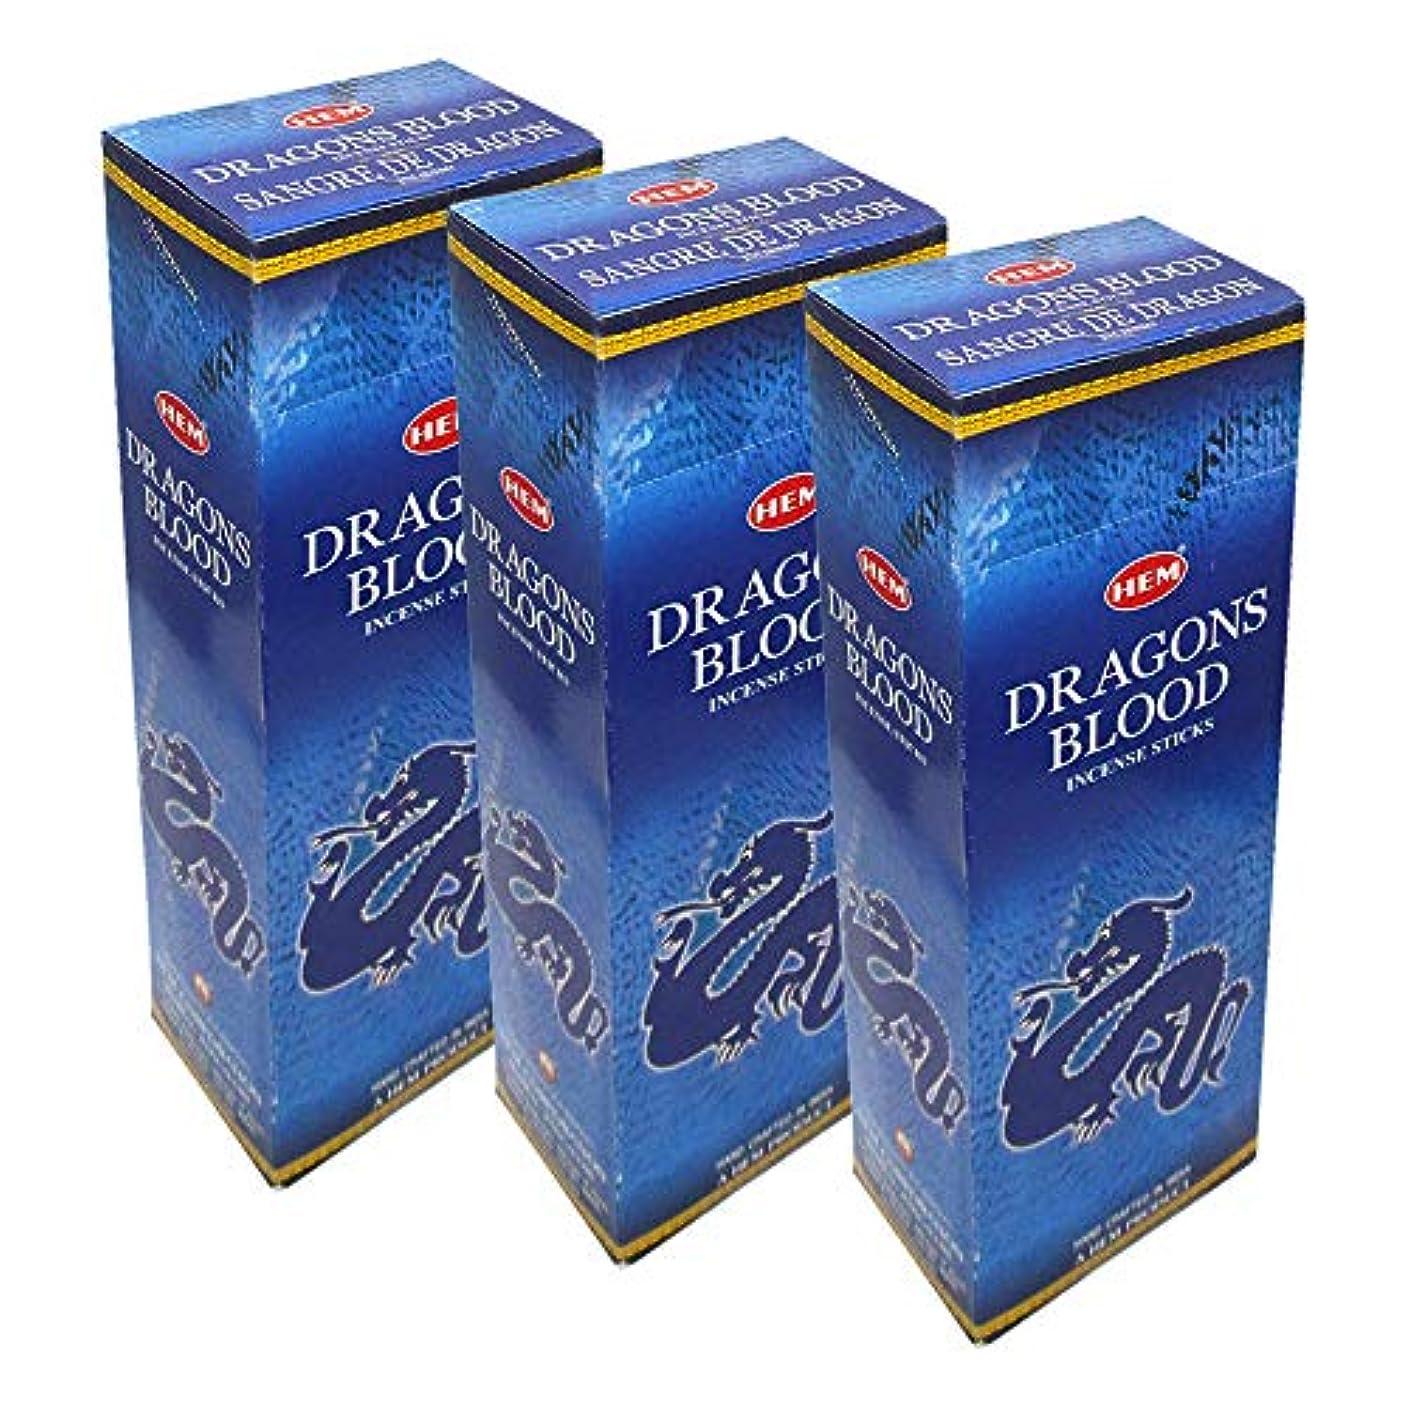 かまど実際思いつくHEM ドラゴンブラッドブルーアガーバティ18本入りお香箱 各20g入り